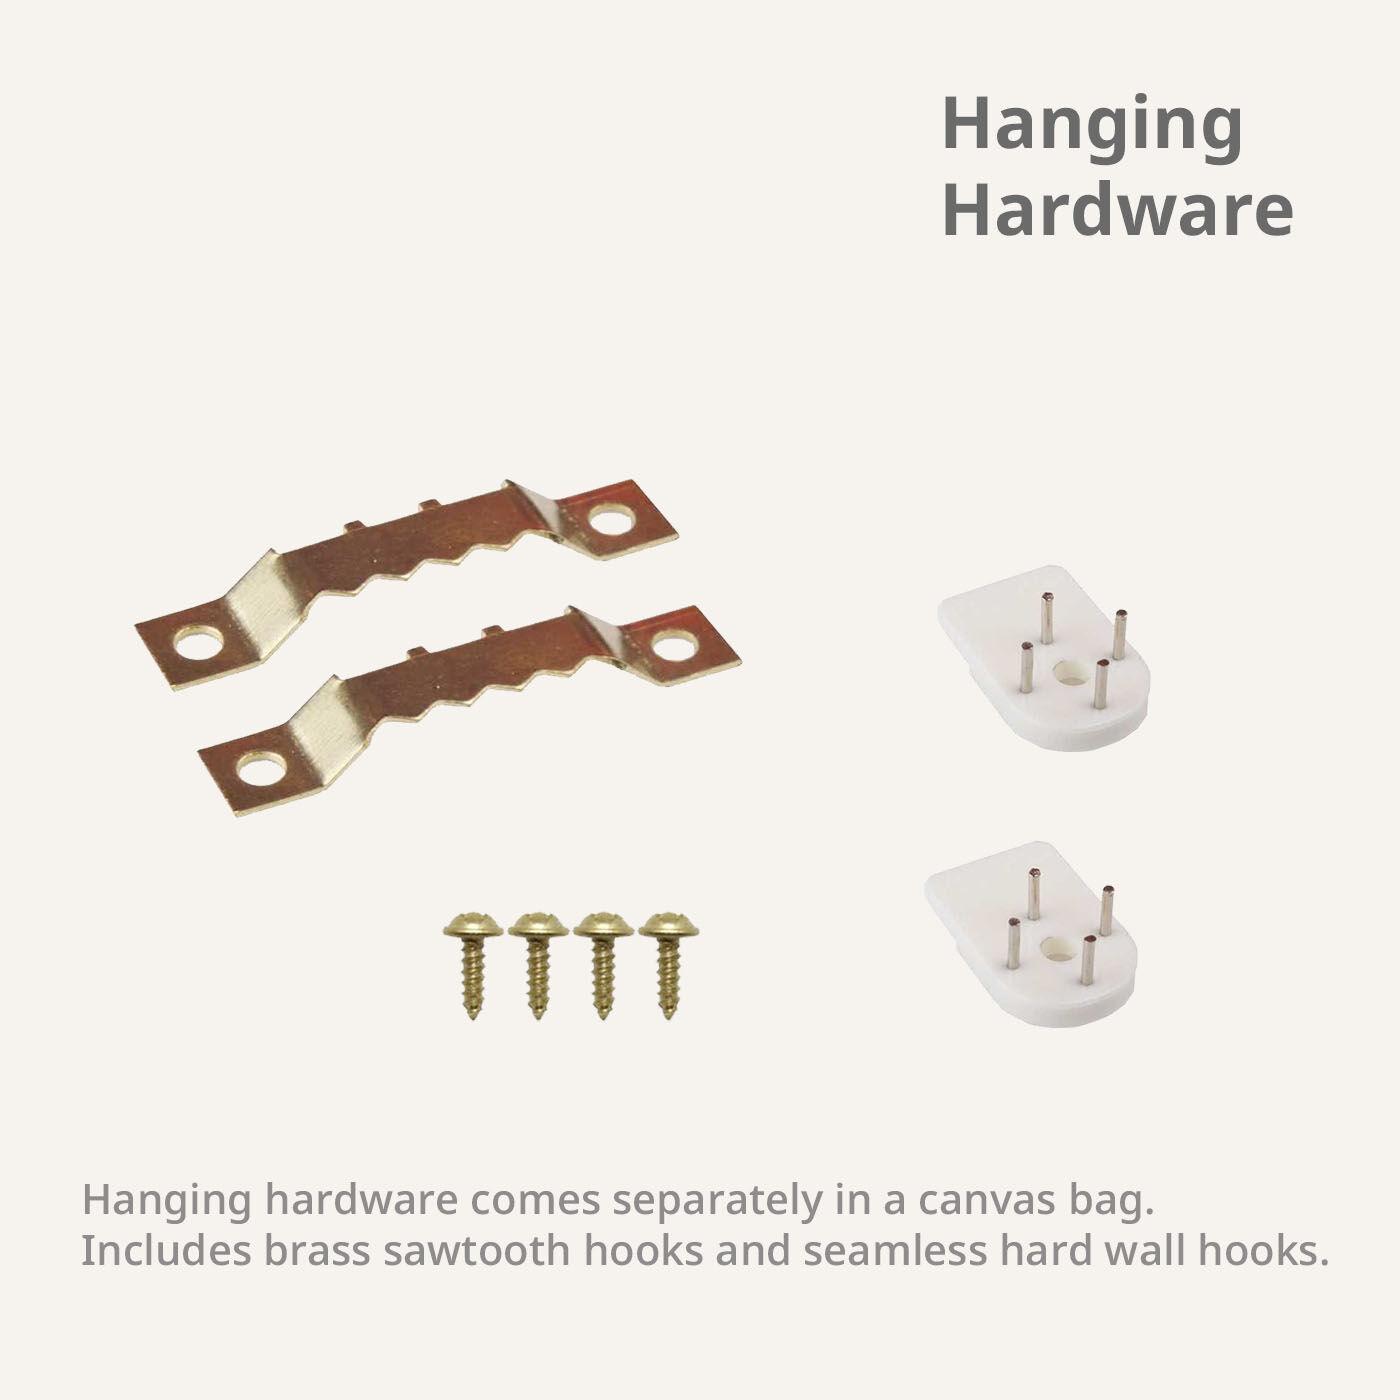 Hanging Hardware